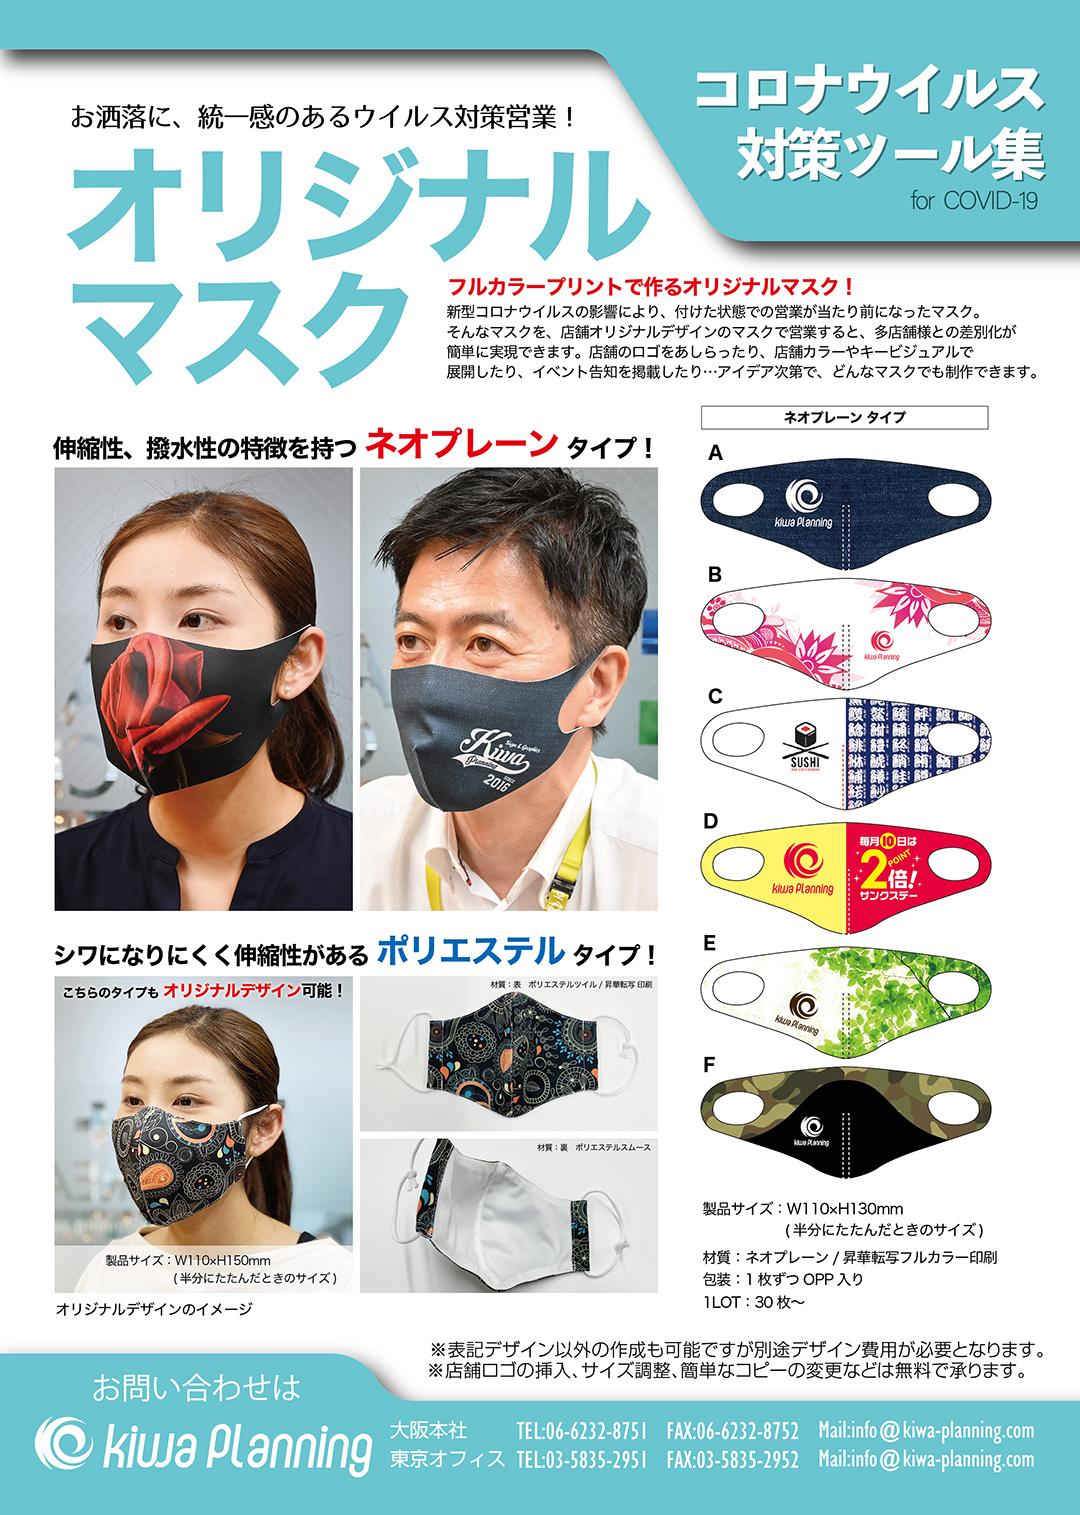 マスク 販売 オリジナル アディダスがオリジナルのマスクを販売開始|購入方法を紹介